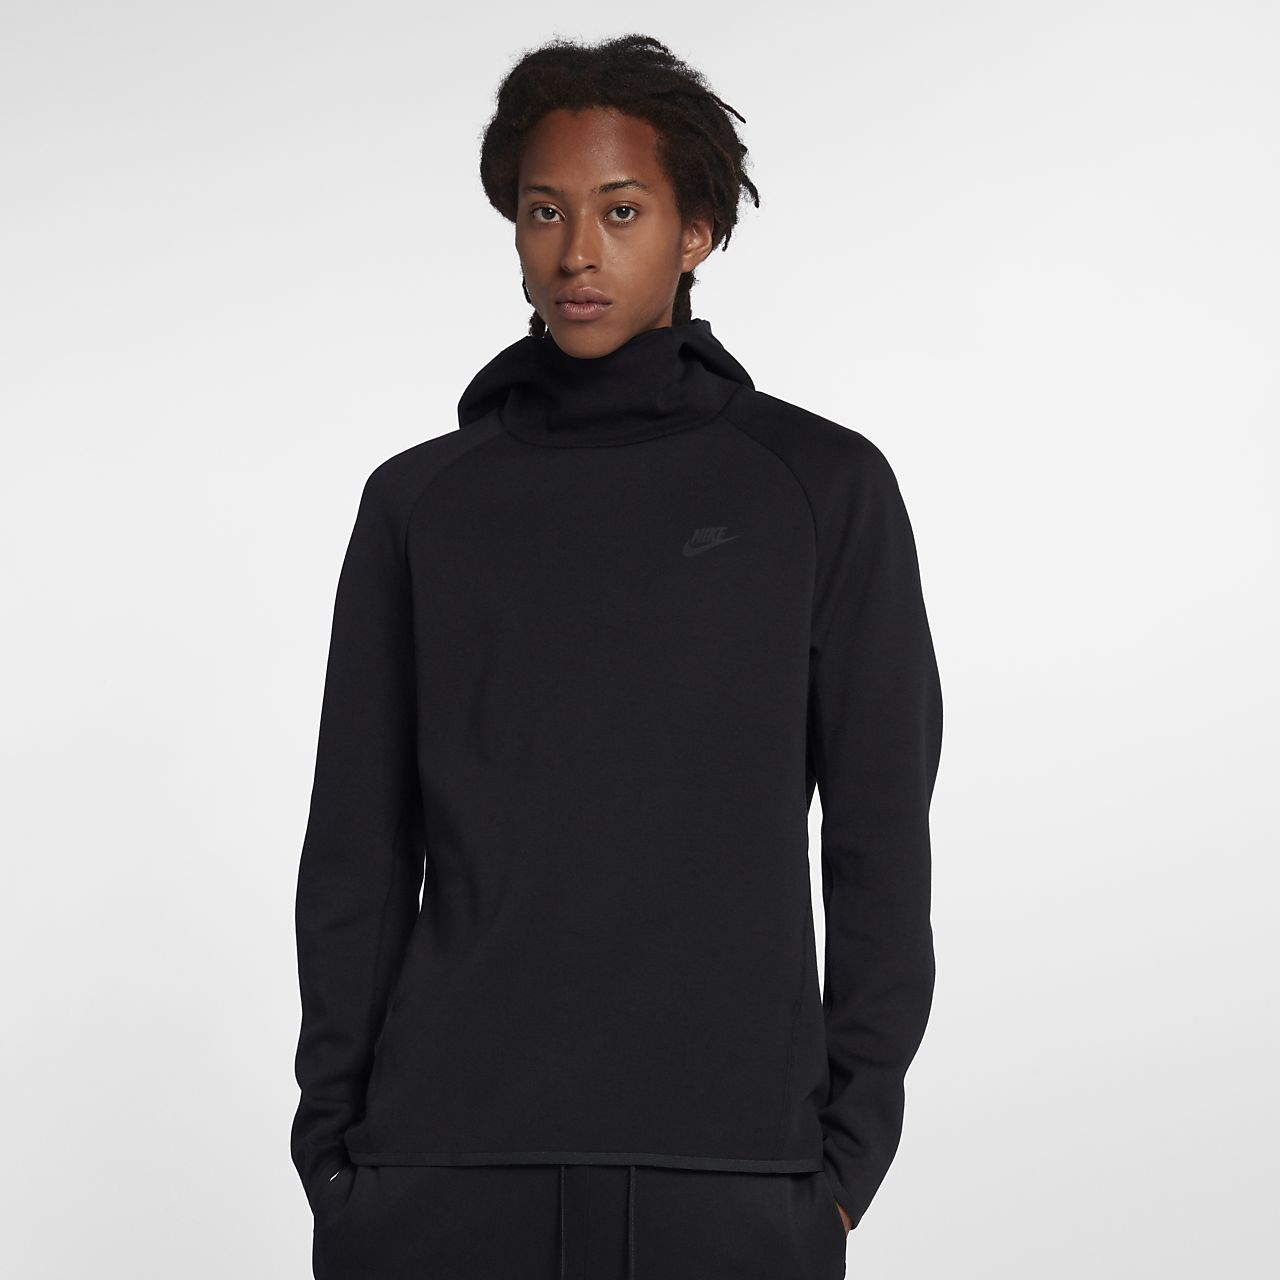 outlet order a few days away Nike Sportswear Tech Fleece Men's Pullover Hoodie